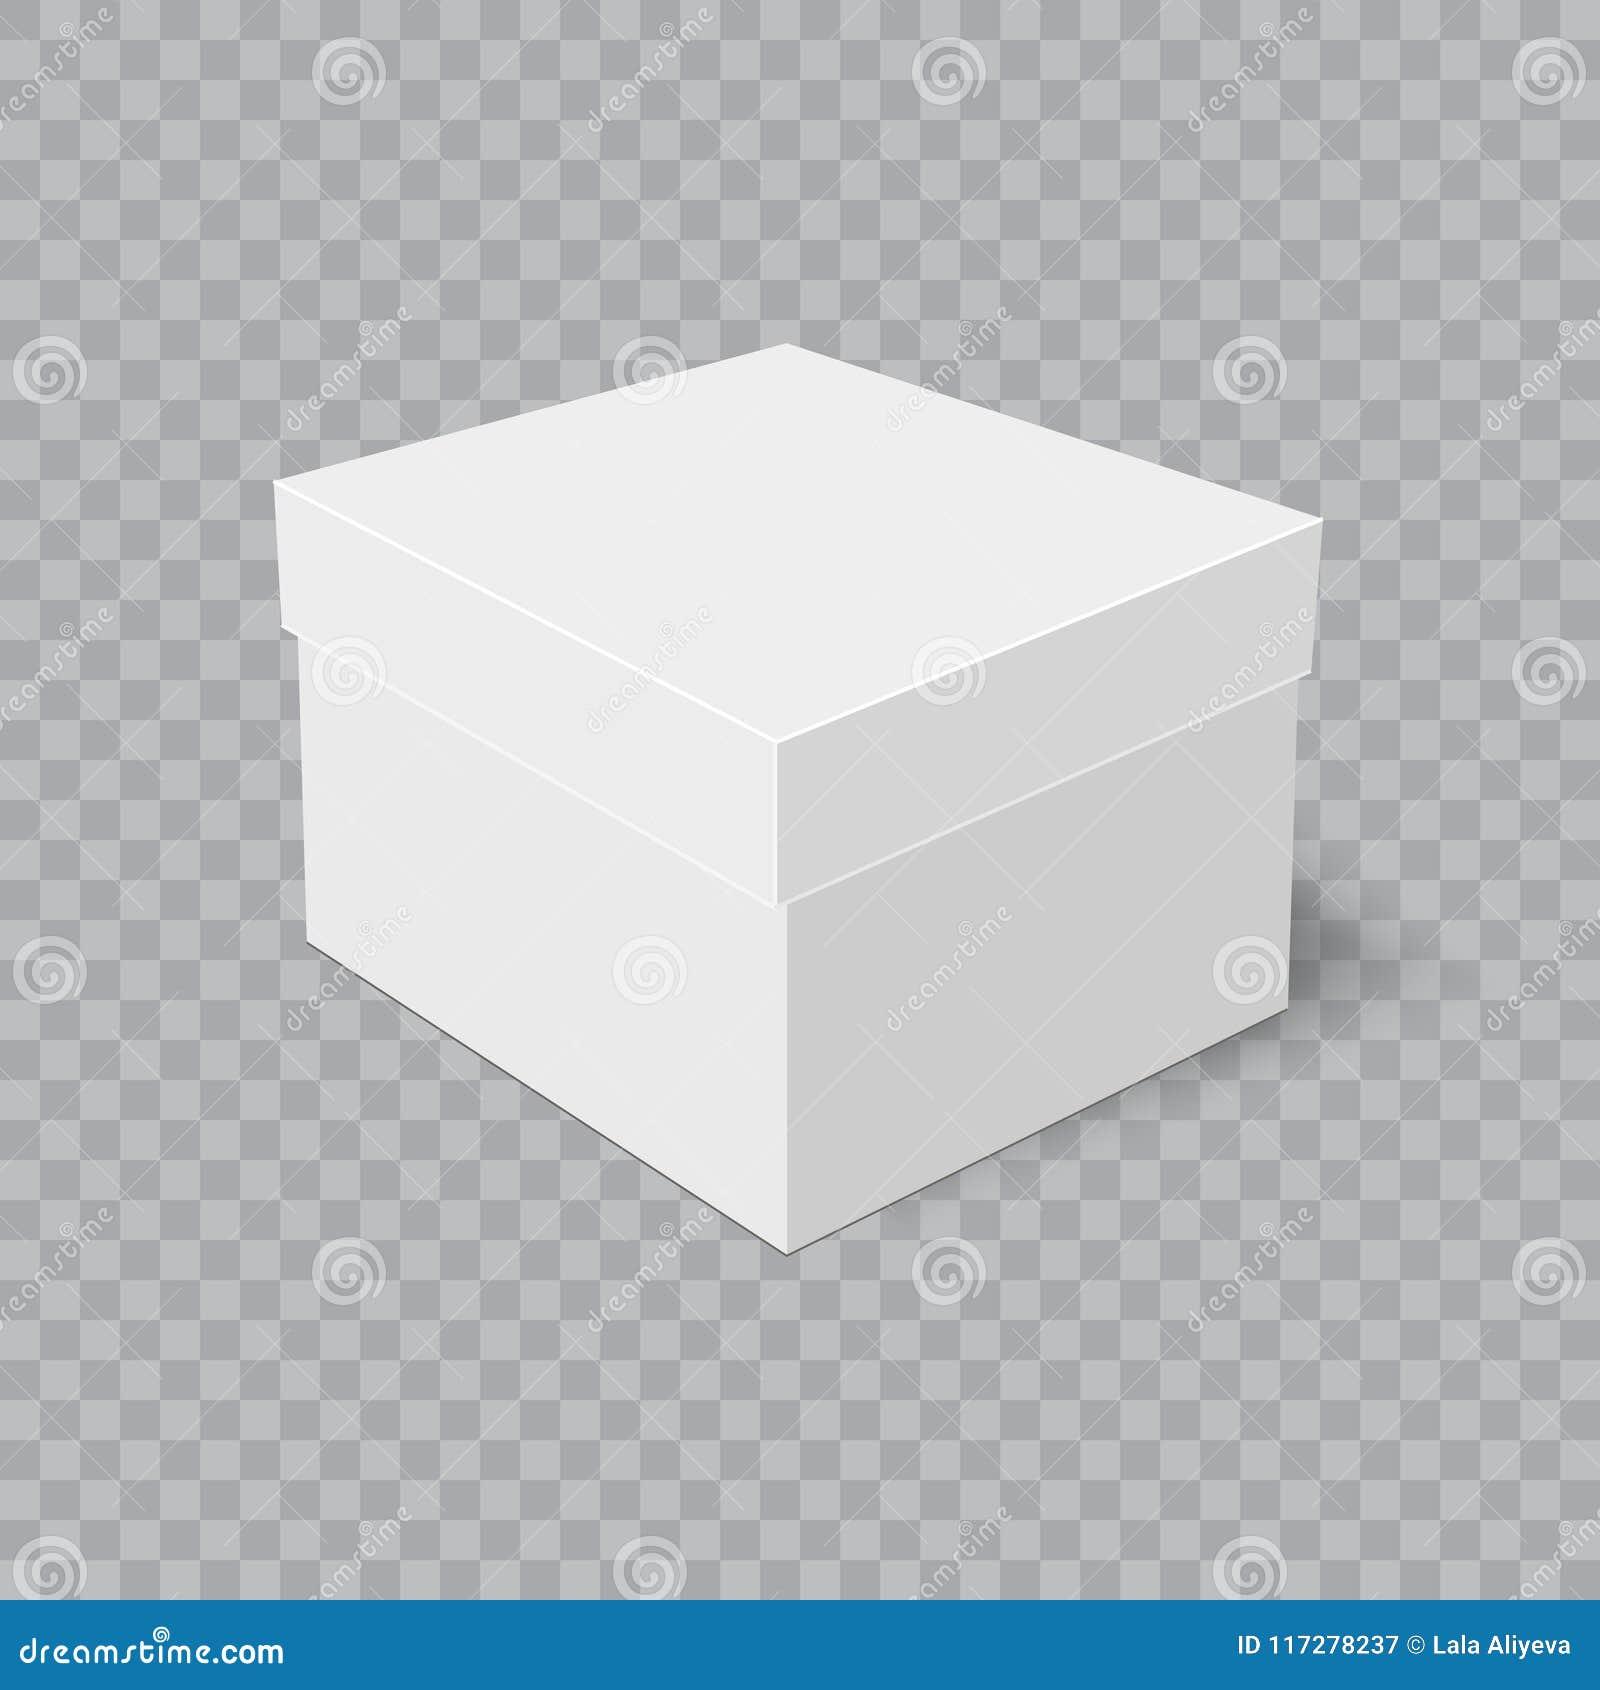 Realistische Pappschachtel mit weichem Schatten auf transparentem Hintergrund Vektor